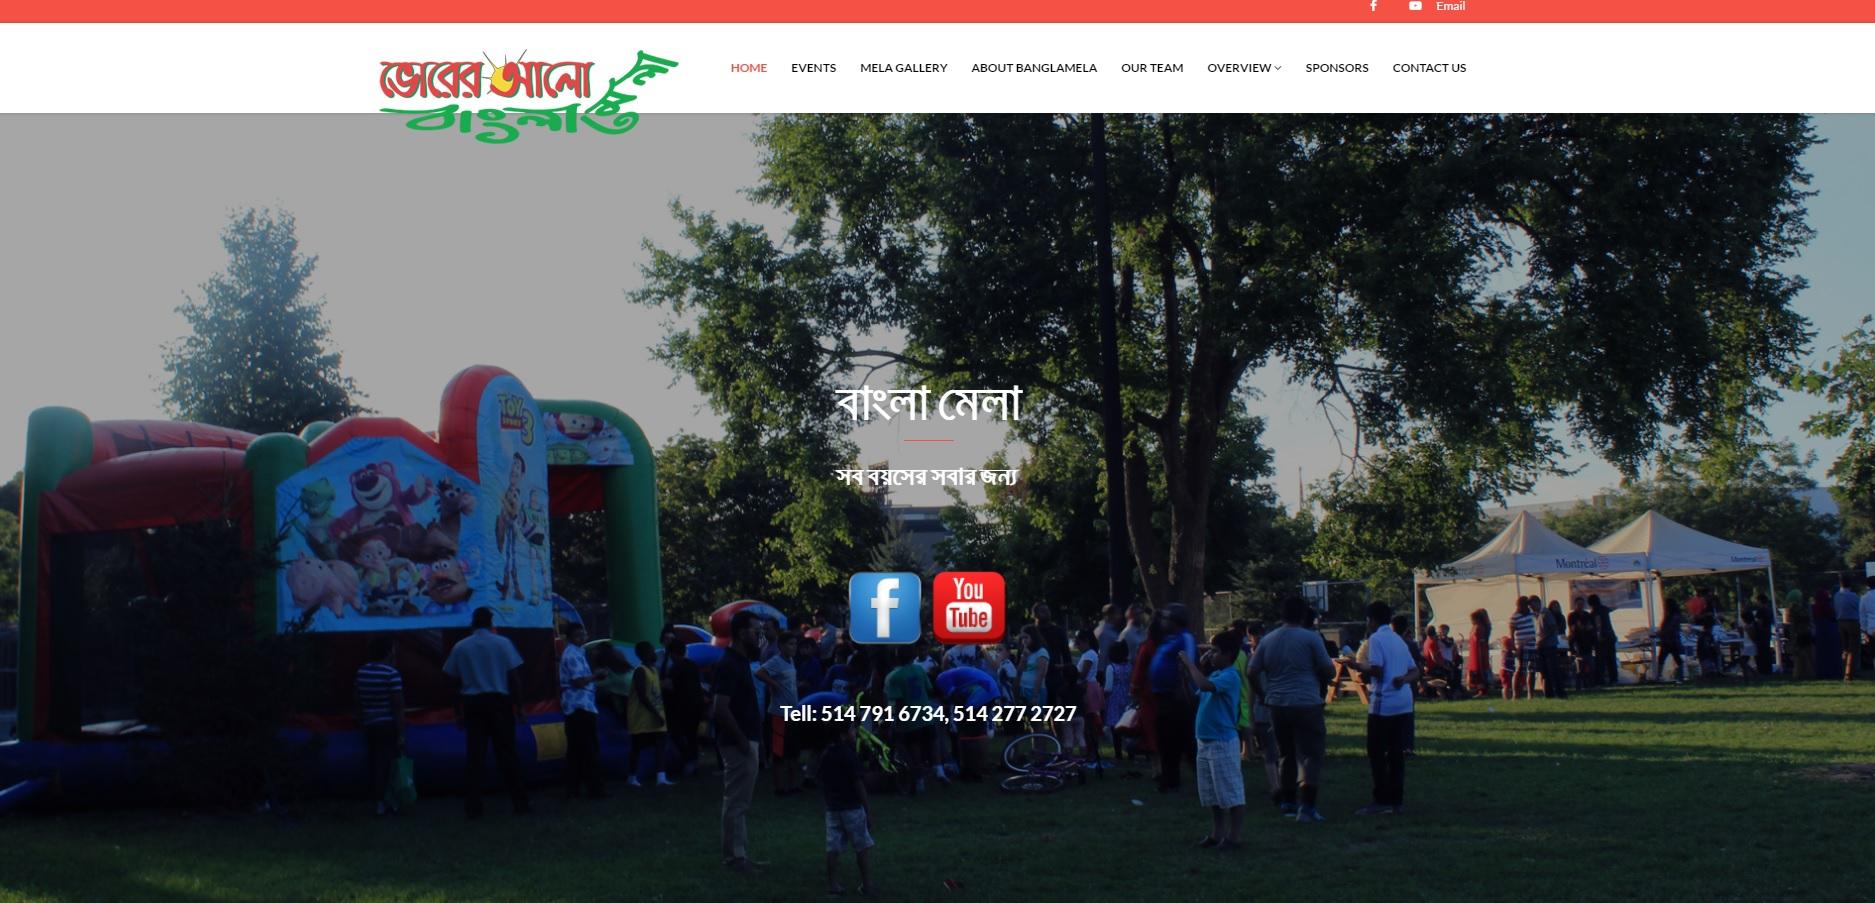 www.banglamela.org   event management   Canada-Bangladesh 2017